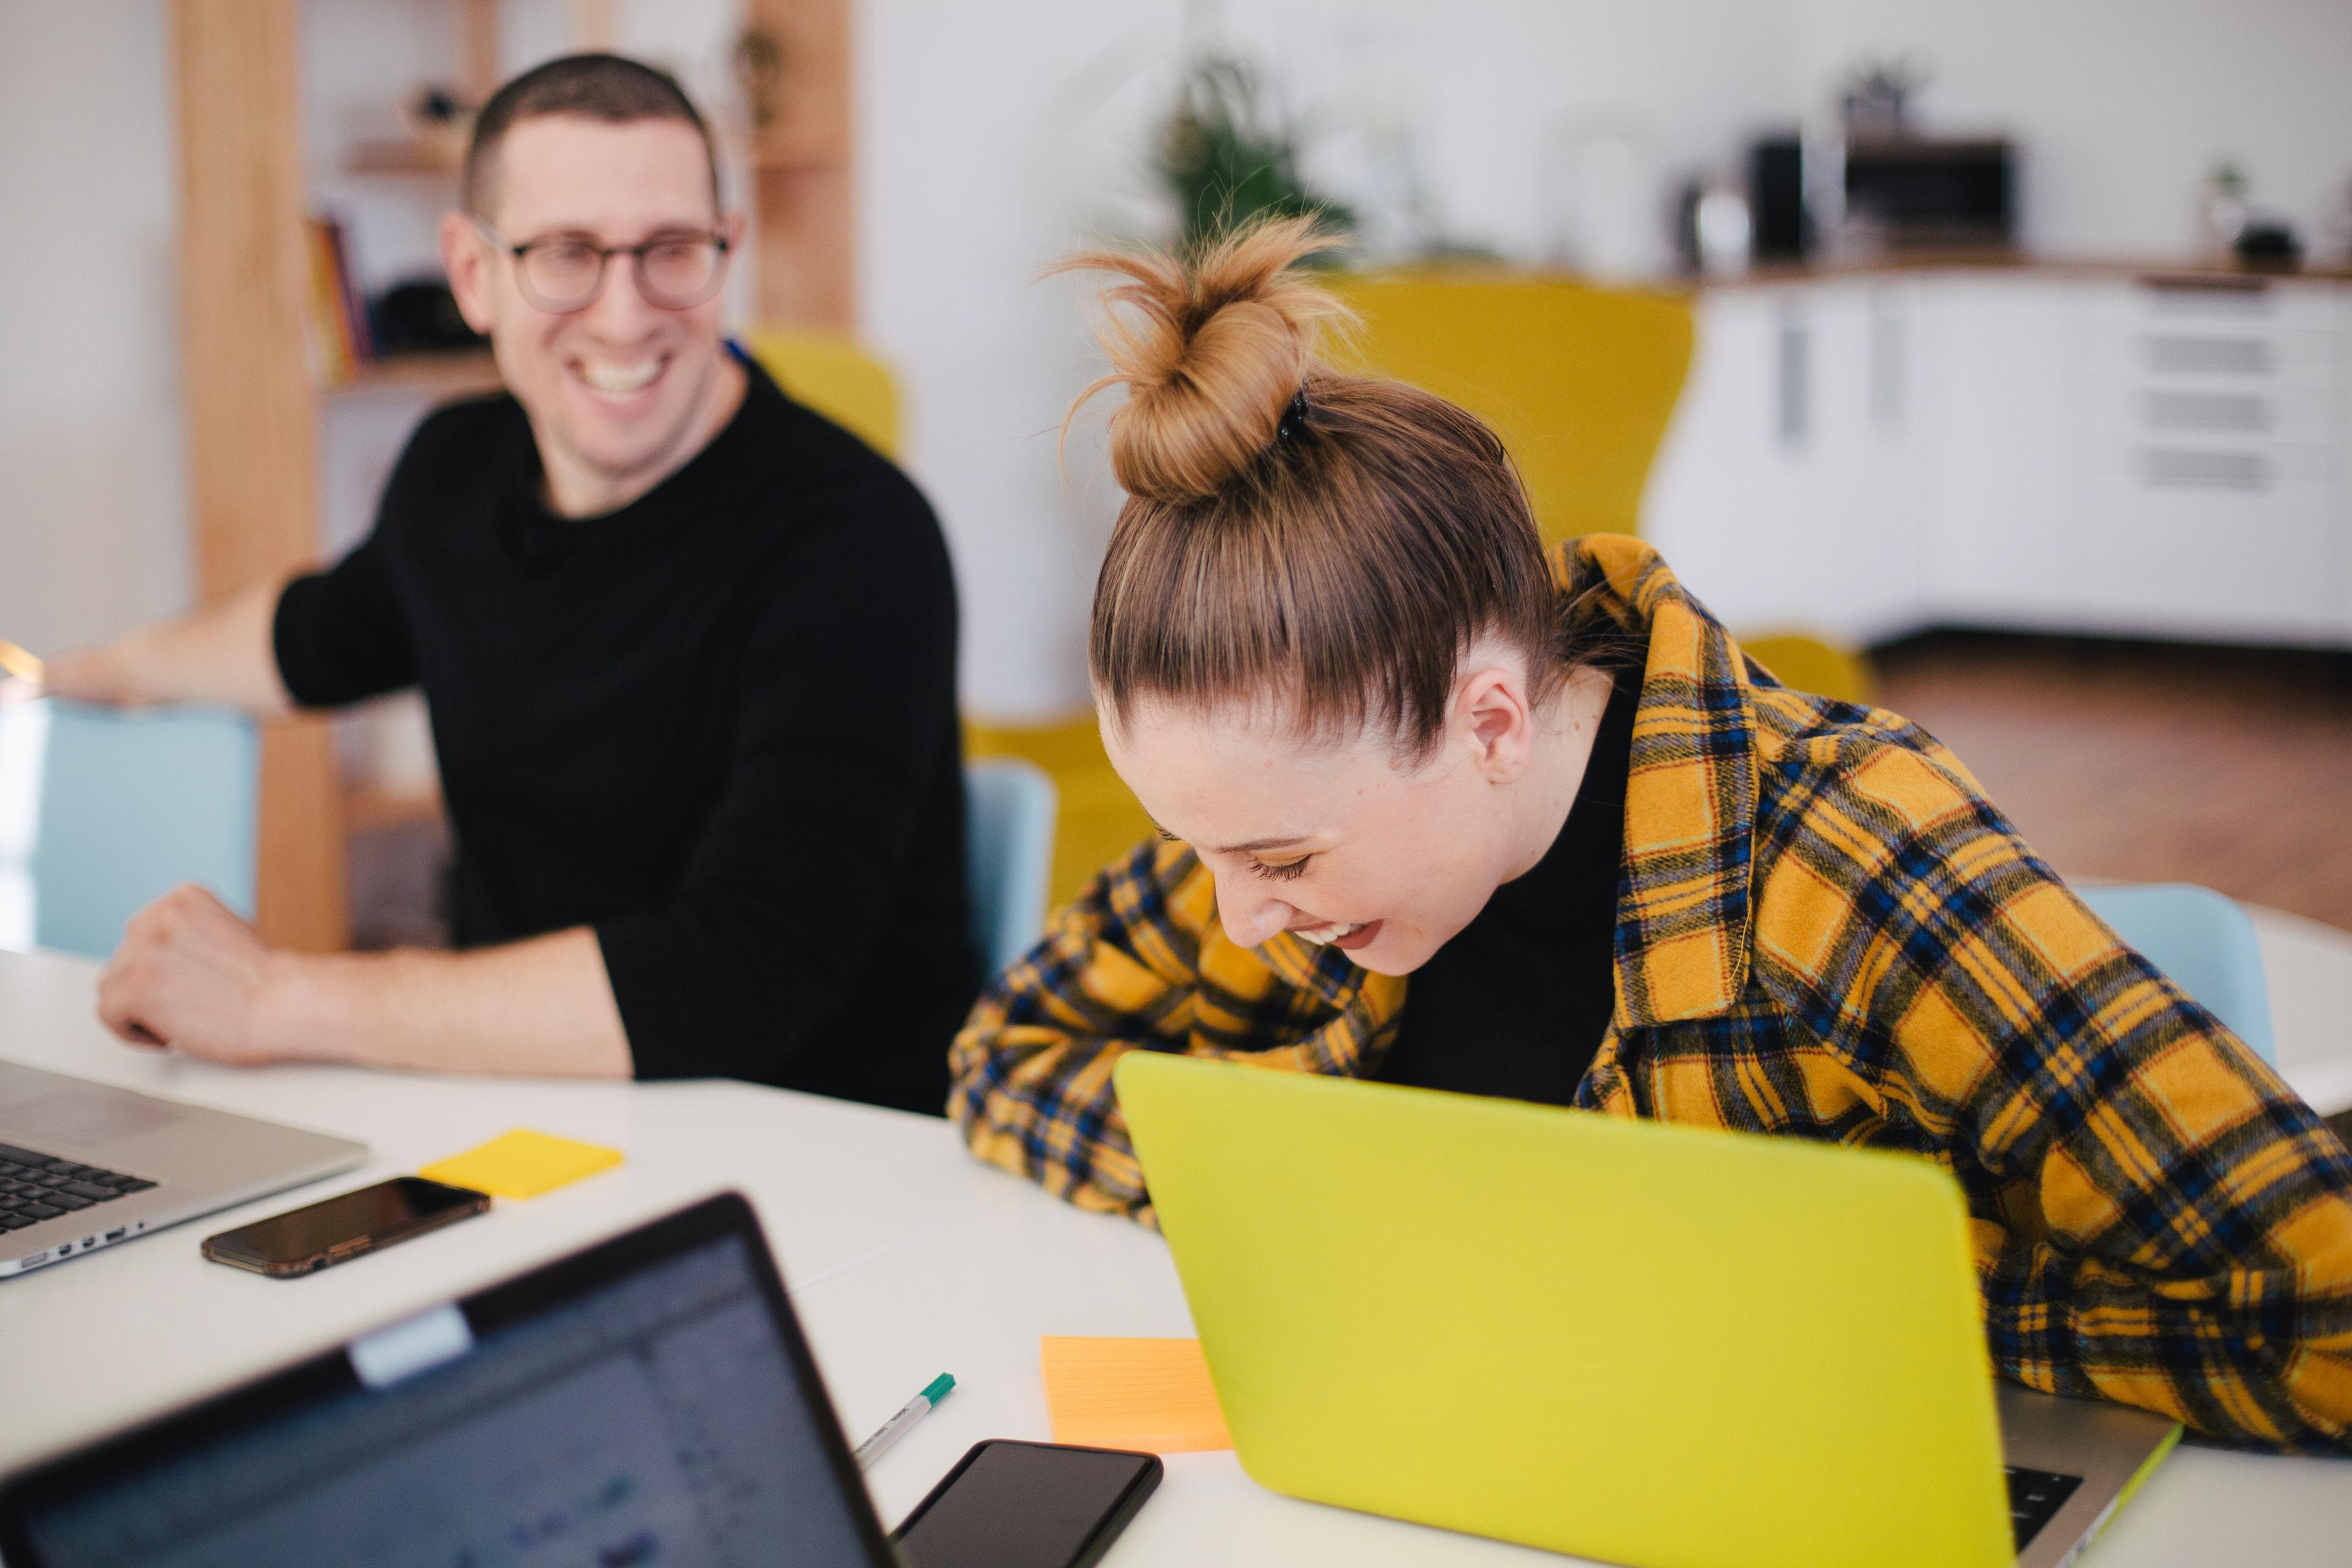 Tietokoneiden äärellä iloisesti työskentelevä nainen ja mies